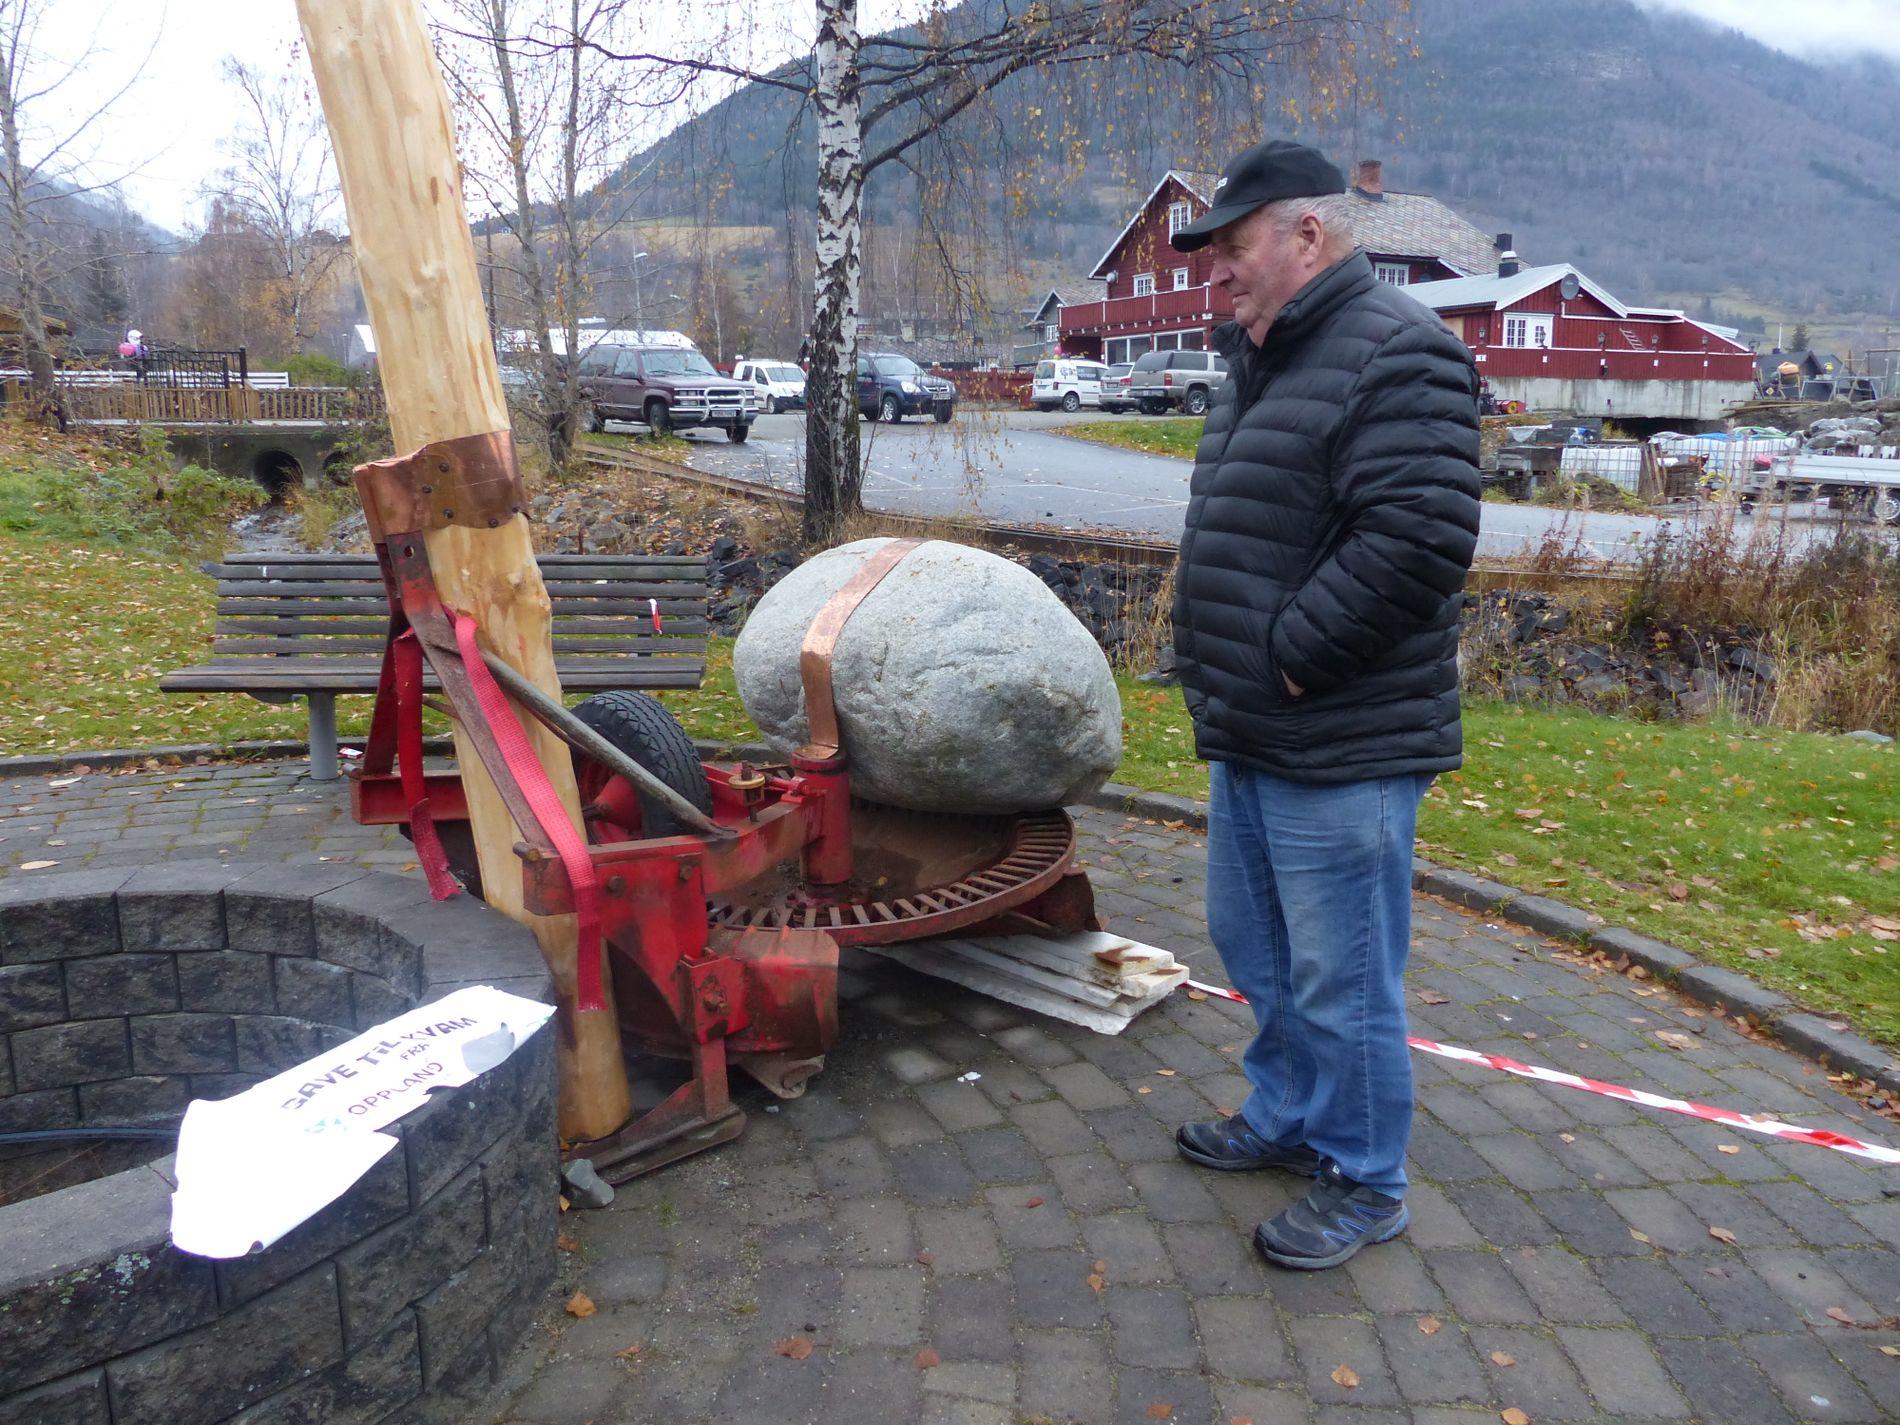 HODERYSTENDE. Harald Lillegård fra Vinstra skjønner godt at folk vil ha dette kunstverket fjernet. – Det er mye rart de finner på nå om dagen, sier han.